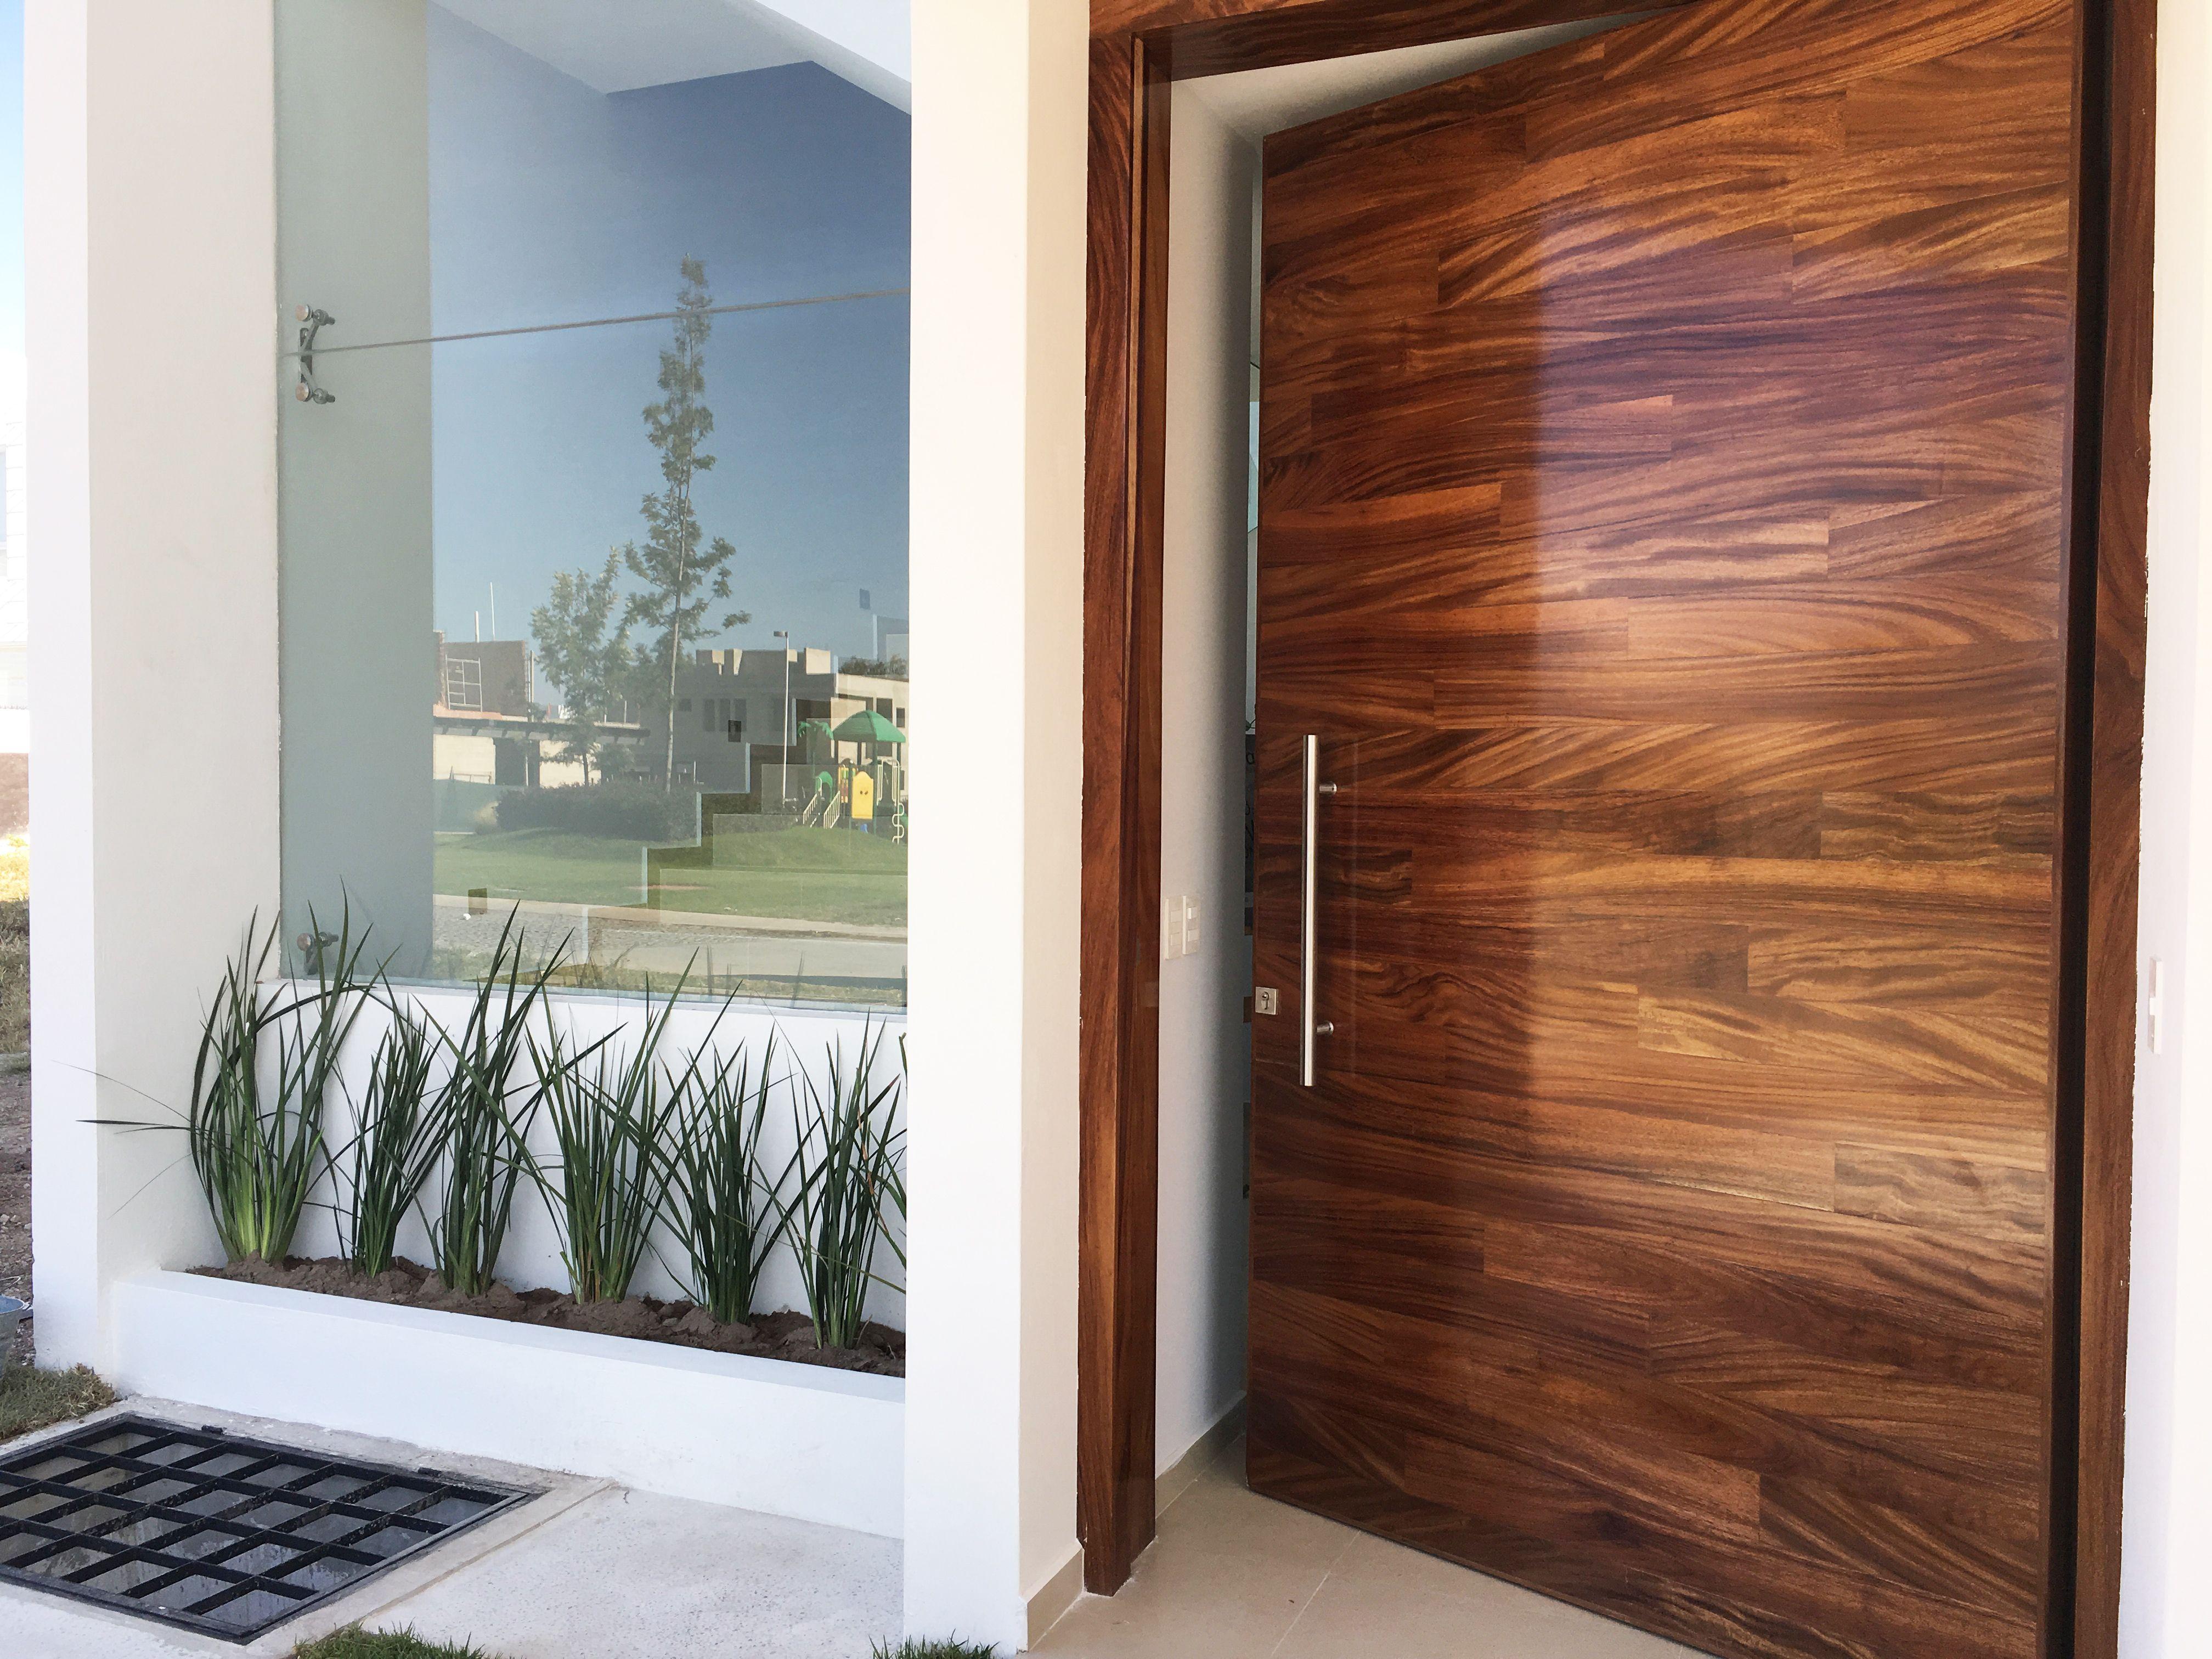 Puerta Madera Parota Punto Sur Residencial Planlife Edificaciones